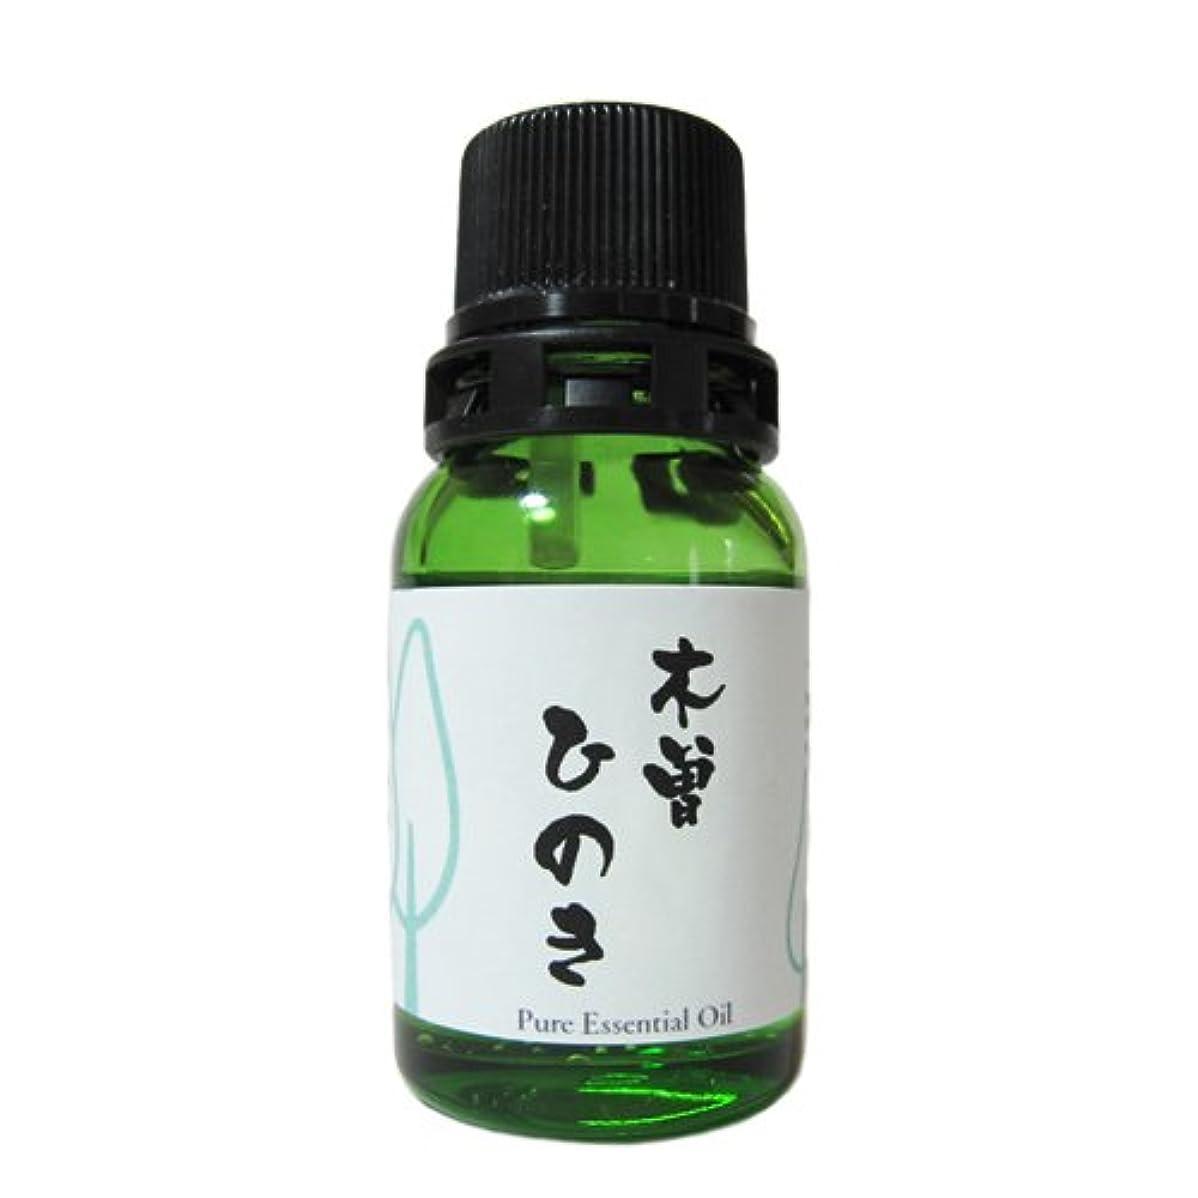 獲物作り上げる玉和精油 木曽ひのき(長野県産) エッセンシャルオイル 10ml